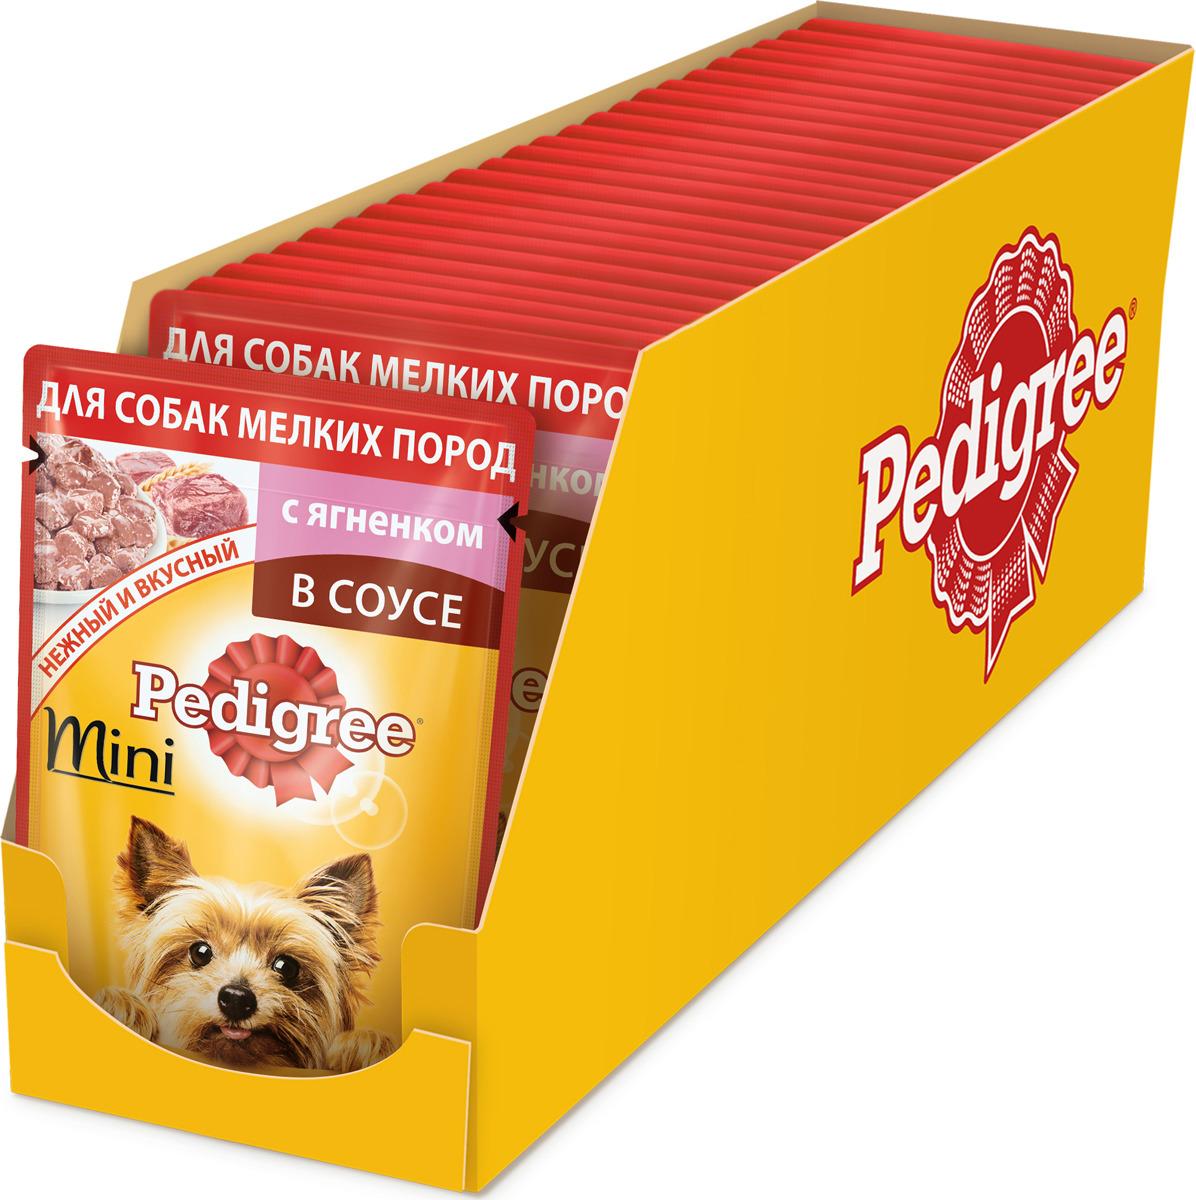 Консервы Pedigree, для взрослых собак мелких пород, с ягненком, 85 г х 24 шт консервы pedigree для взрослых собак мелких пород с говядиной 85 г х 24 шт